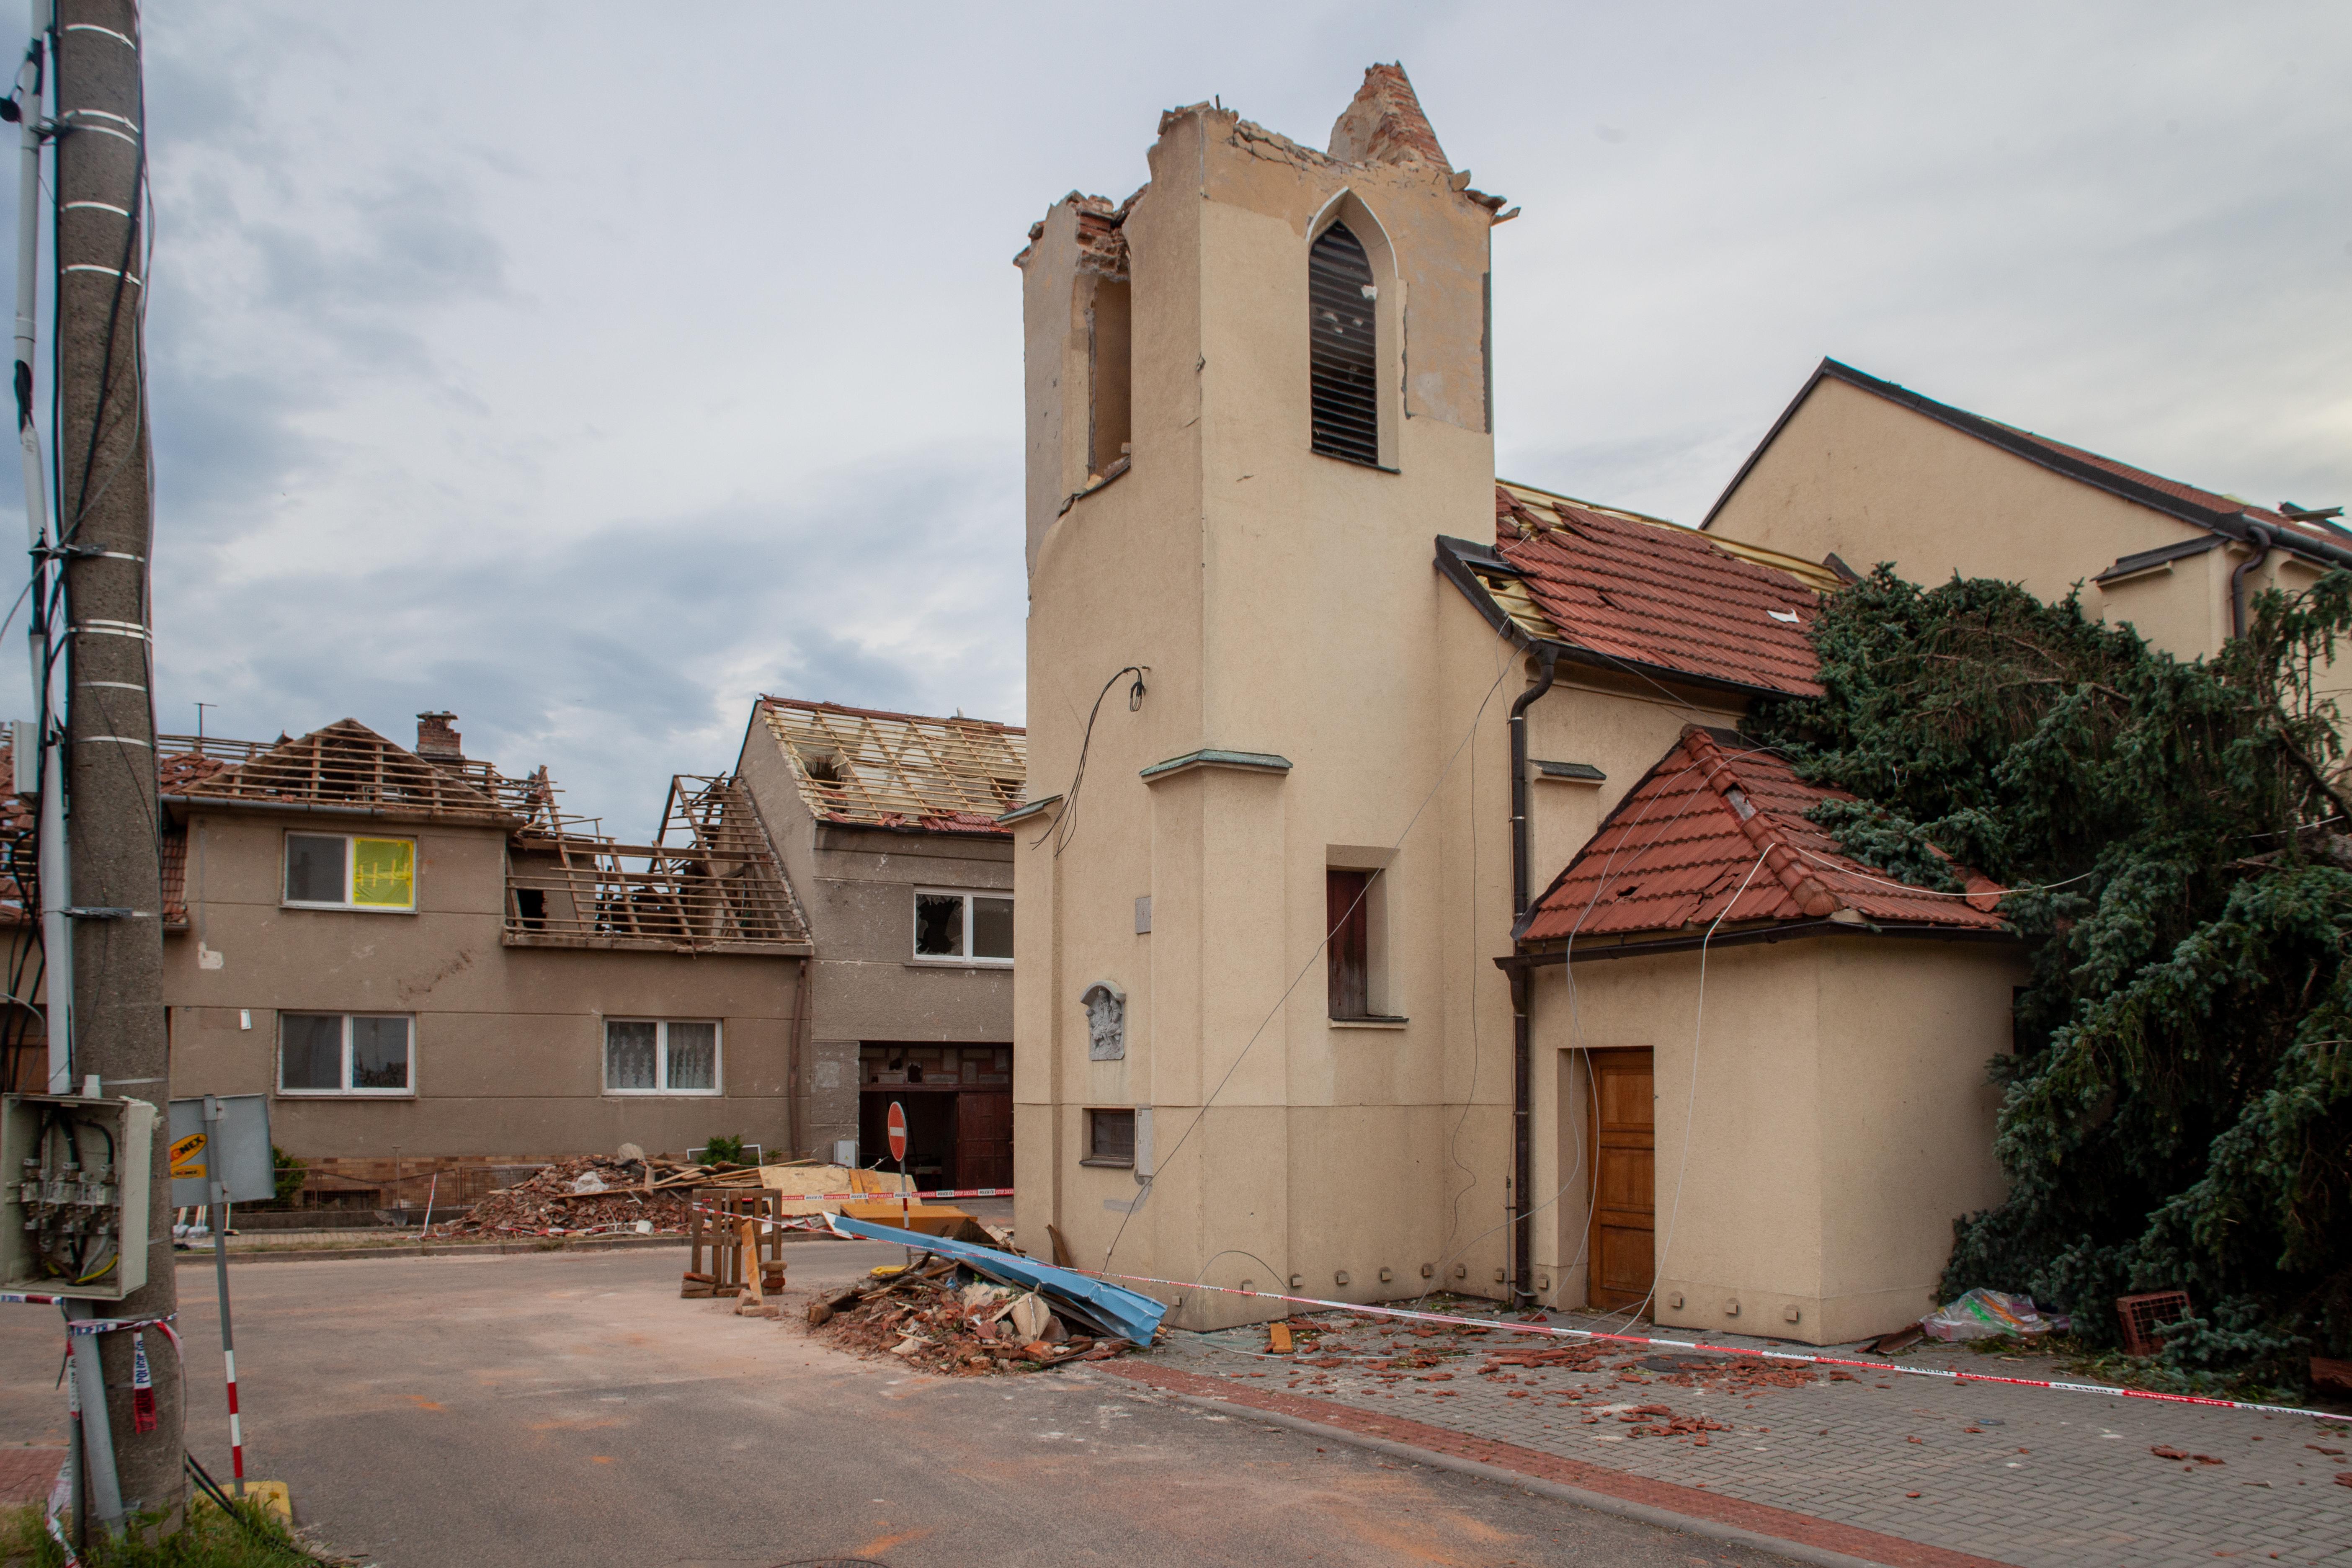 Poškozený kostel sv. Bartoloměje v obci Hrušky na Břeclavsku